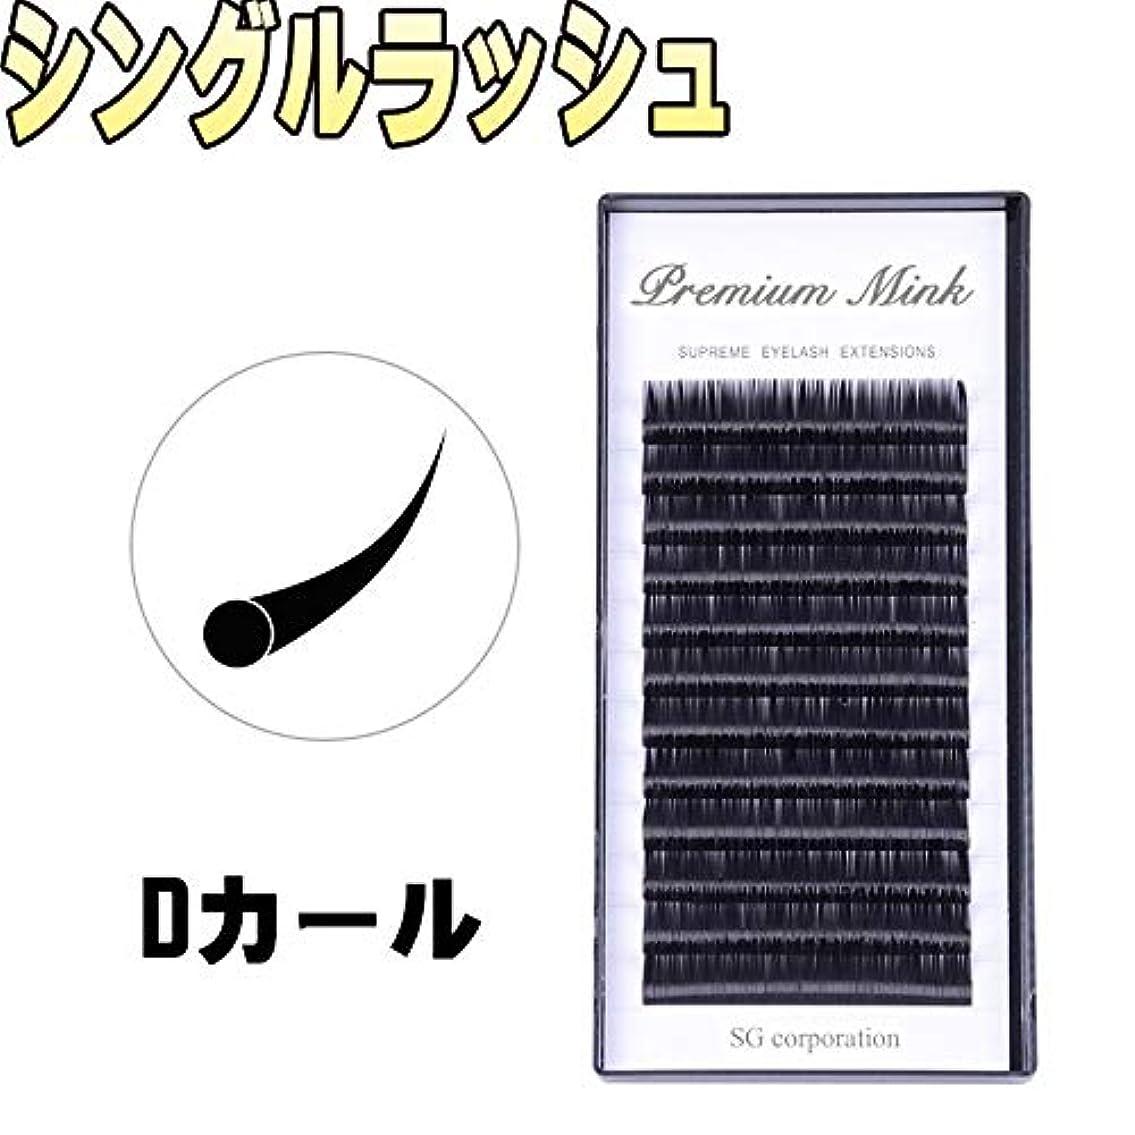 気難しい好意かもしれない【まつげエクステ Dカール プレミアムミンク】12列 Dカール マツエク まつ毛エクステ まつエク セルフ 付けまつ毛 キット セット 業務用 アイラッシュ まつ毛パーマ フラットマットラッシュ ではありません。 0.1mm,8mm